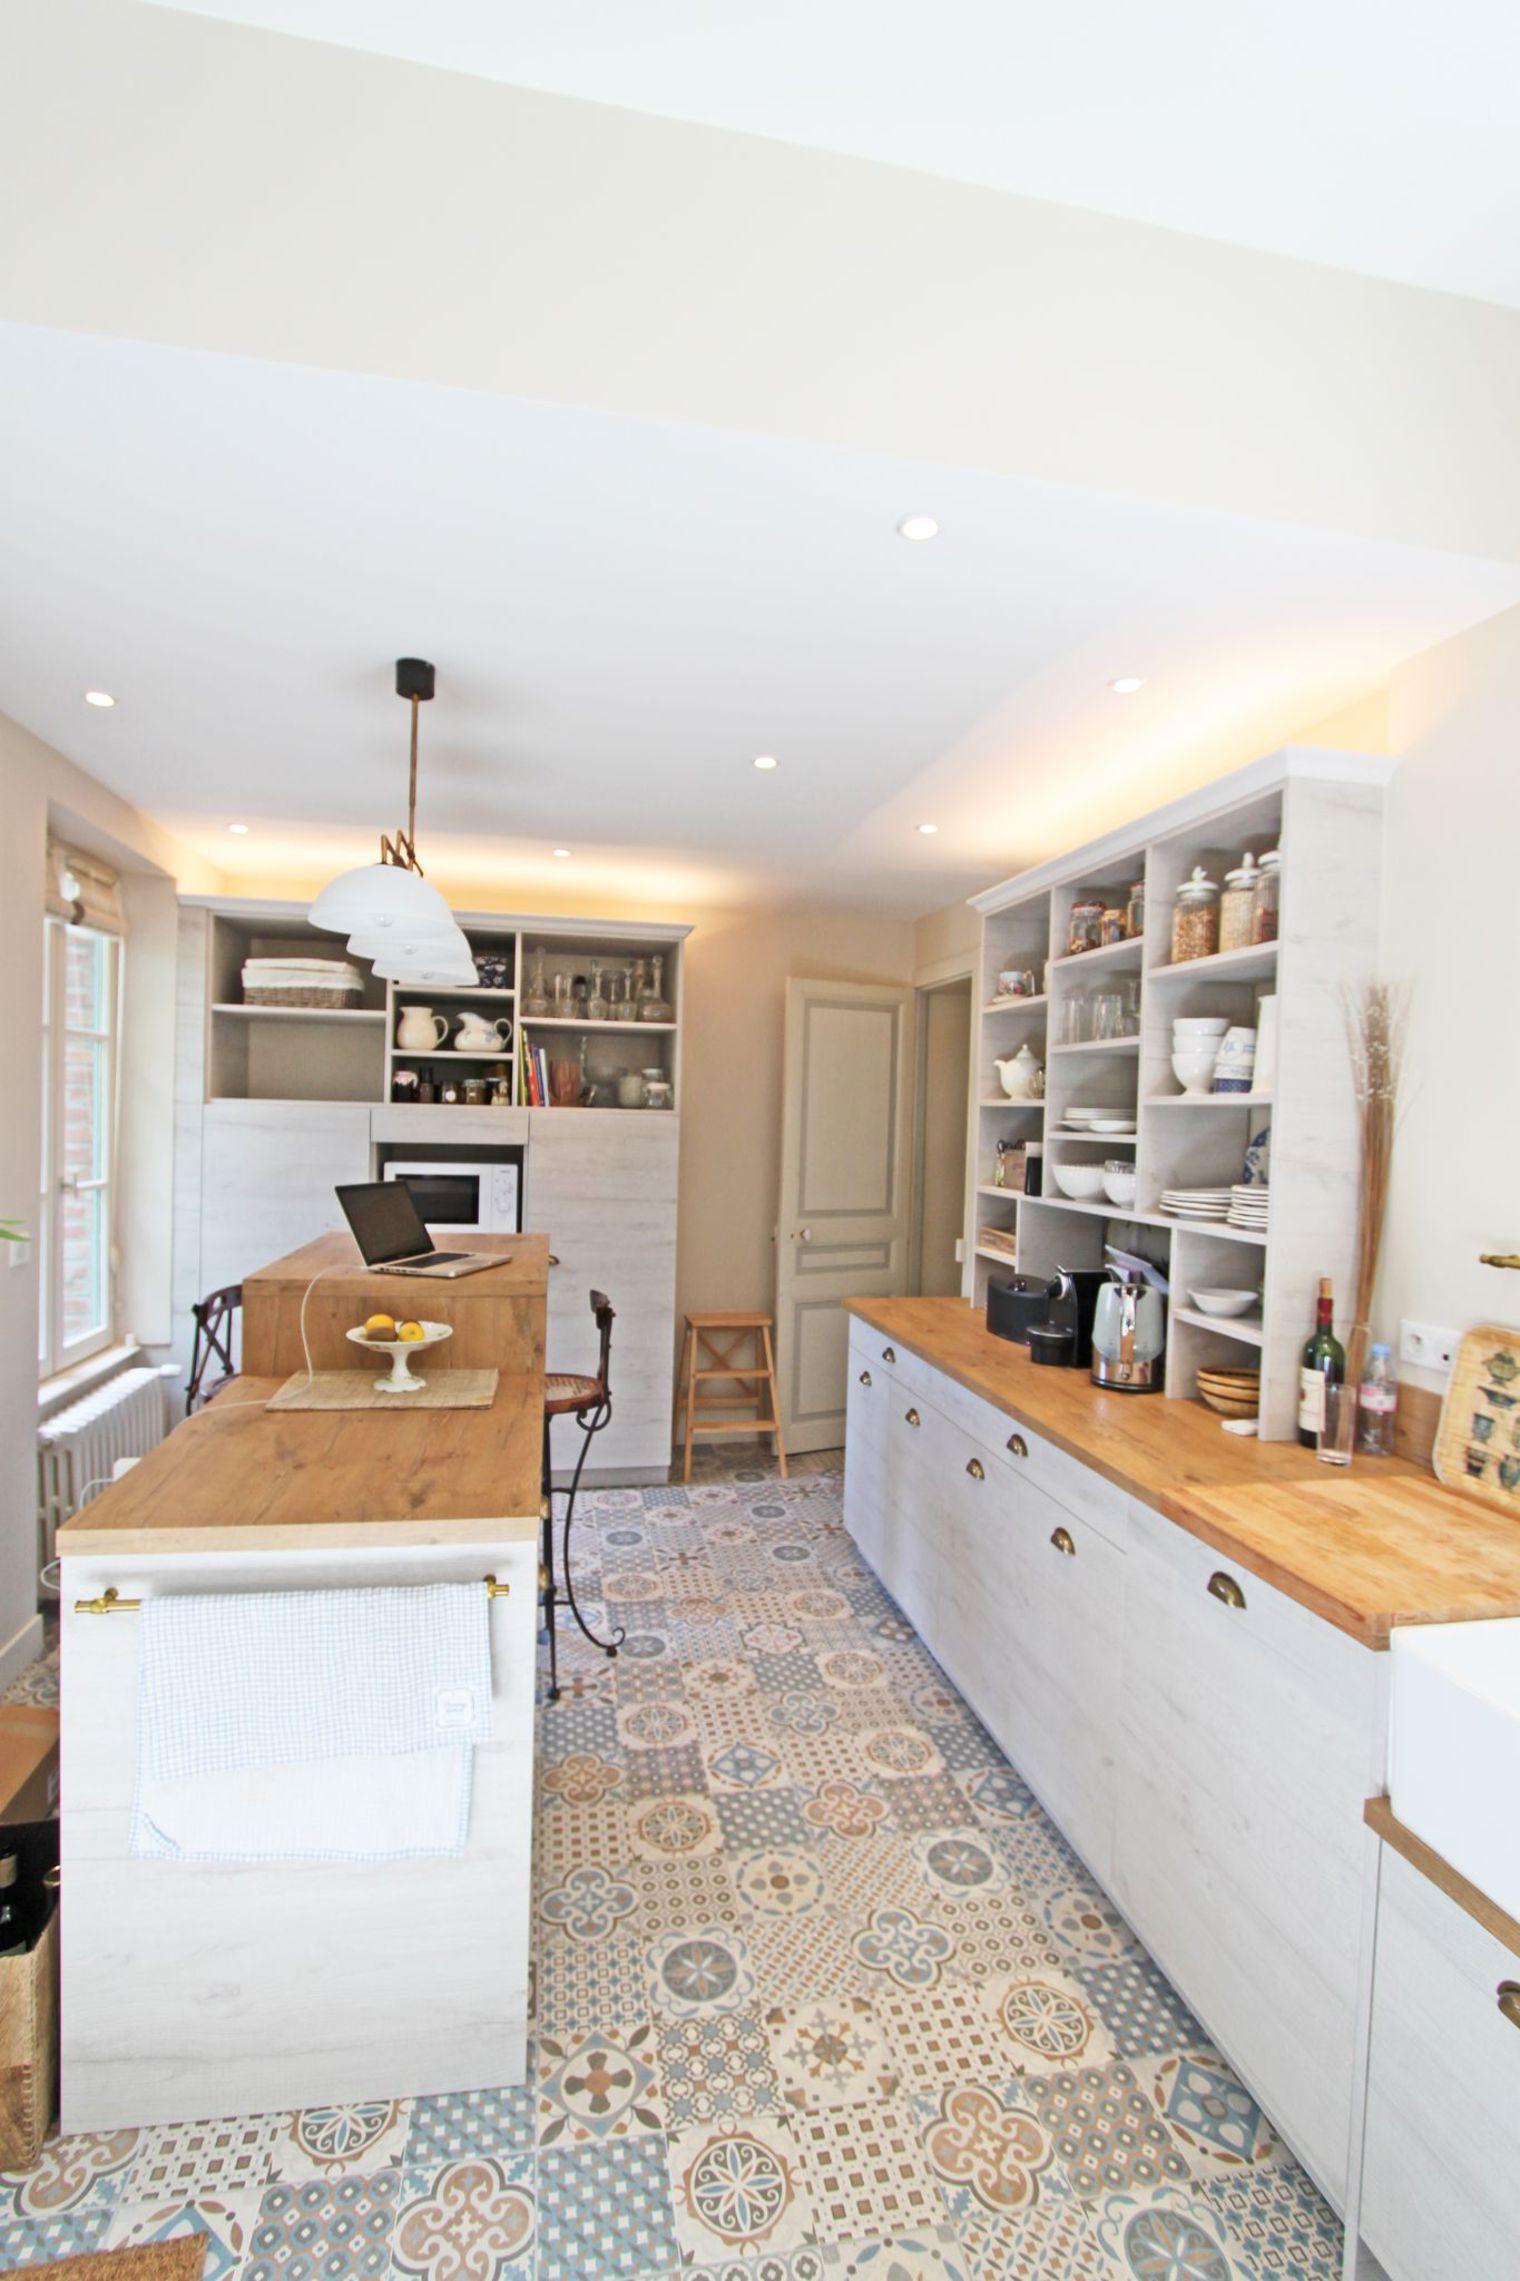 Cuisine campagne chic de 17 m2 r alis e par une archi d for Meuble cuisine campagne